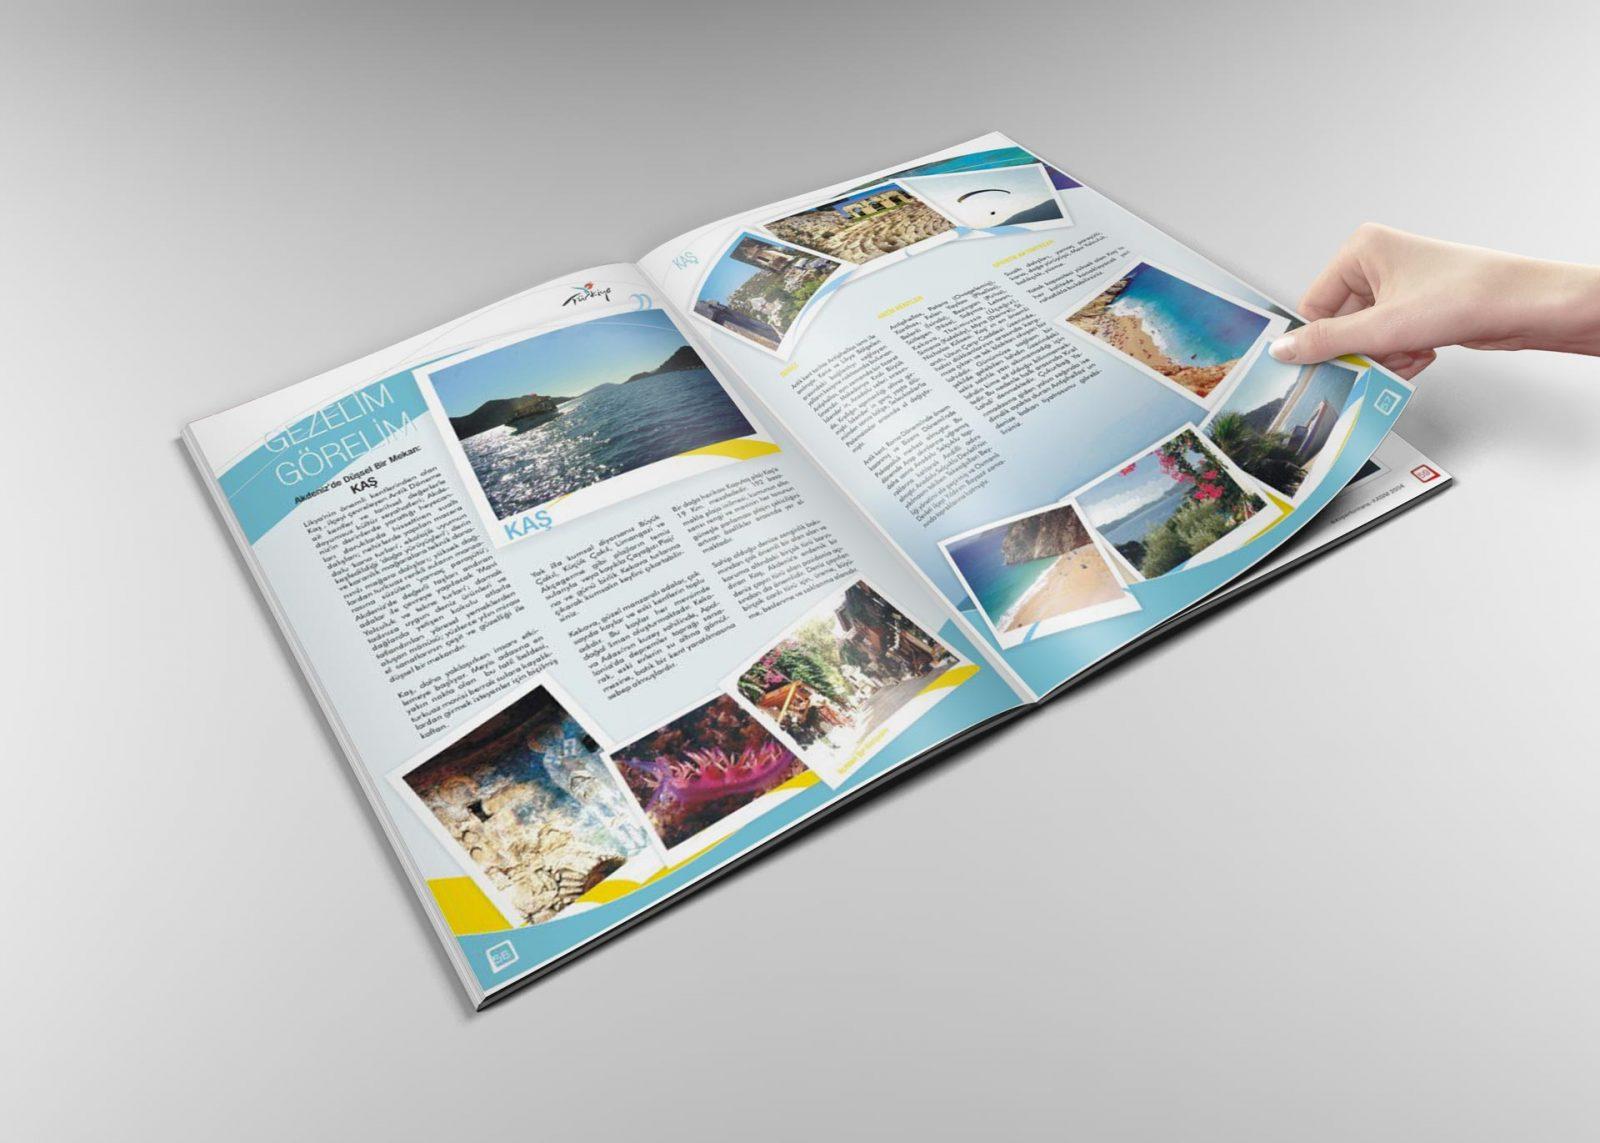 autoperformans dergisi tasarımı 10